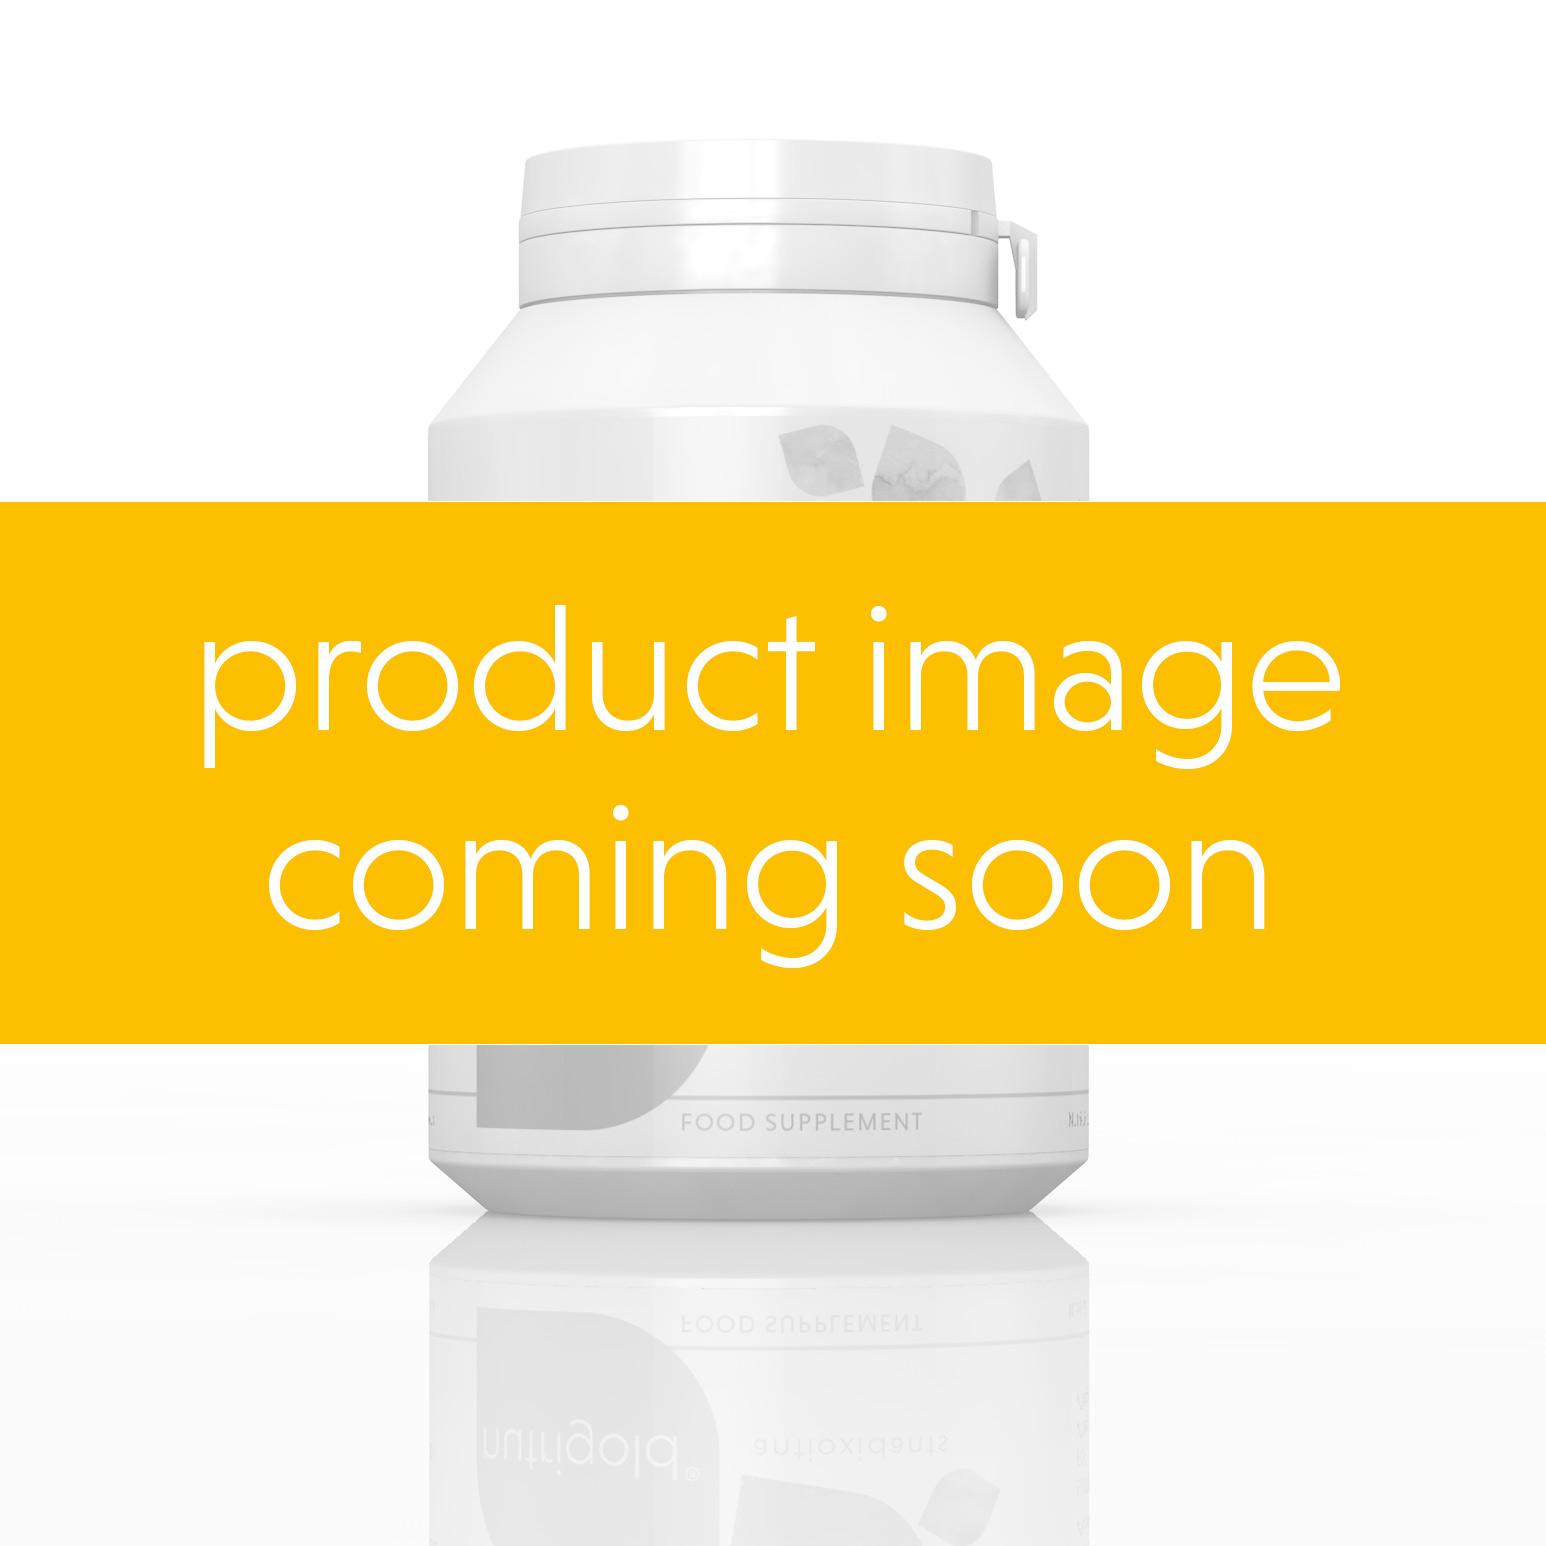 Vitamin C With Citrus Bioflavanoids x 60 Capsules